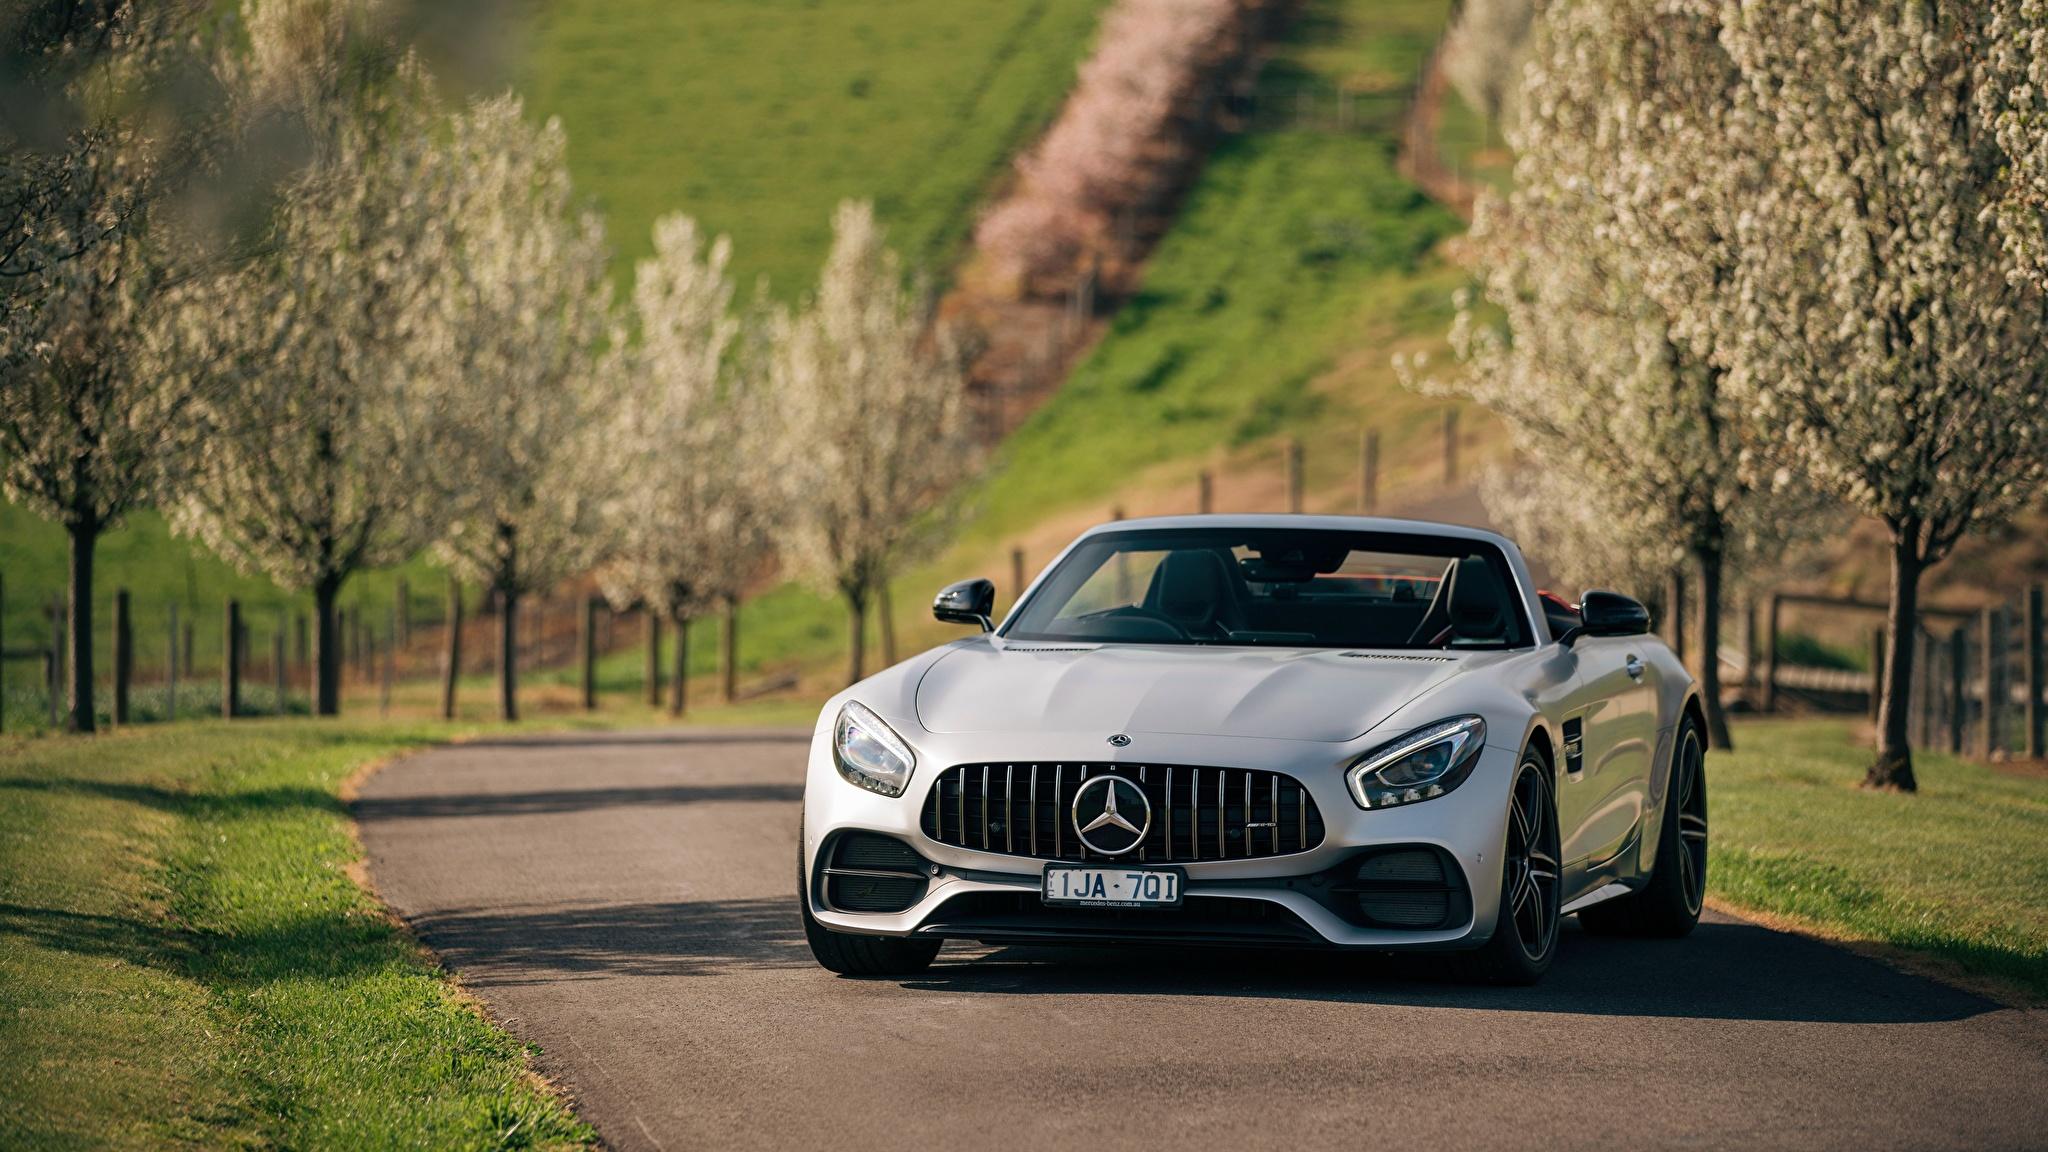 Картинки Mercedes-Benz AMG 2018 GT C Родстер Авто Спереди 2048x1152 Мерседес бенц Машины Автомобили